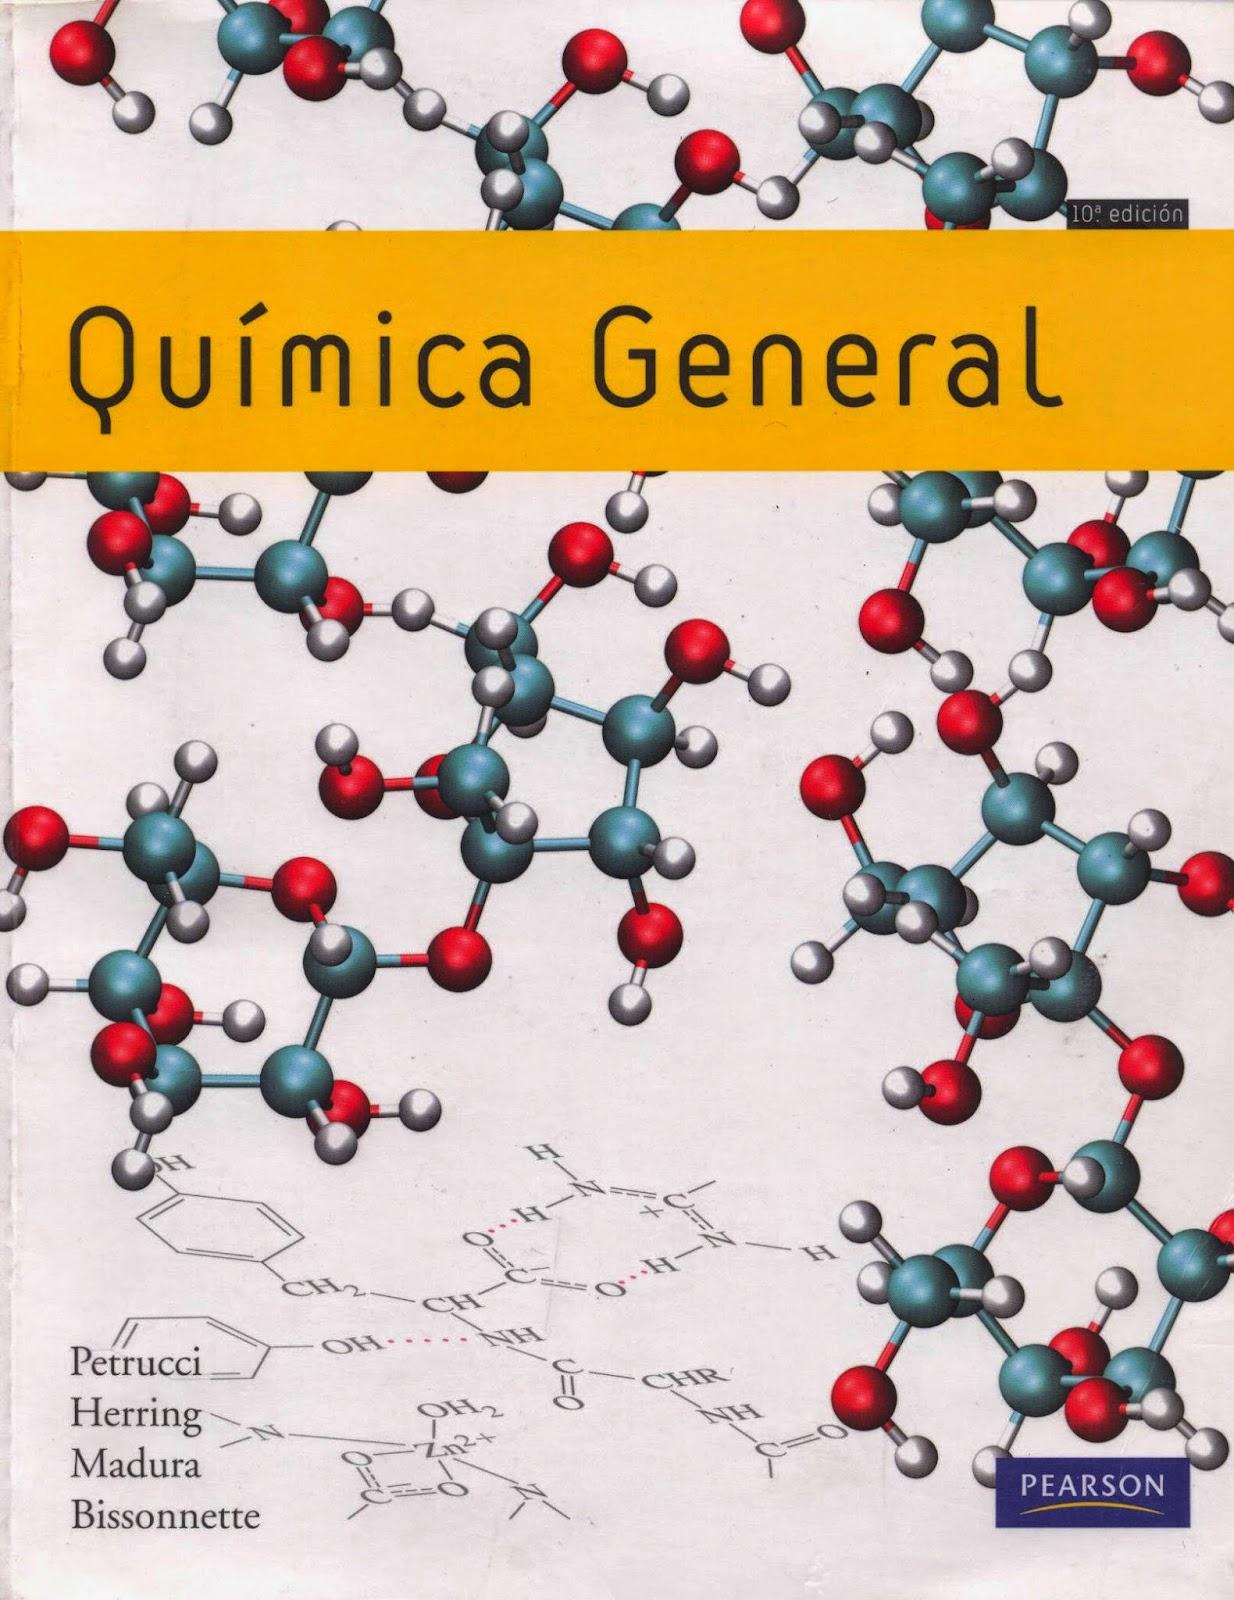 Quimica General Brown qu Mica General Petrucci